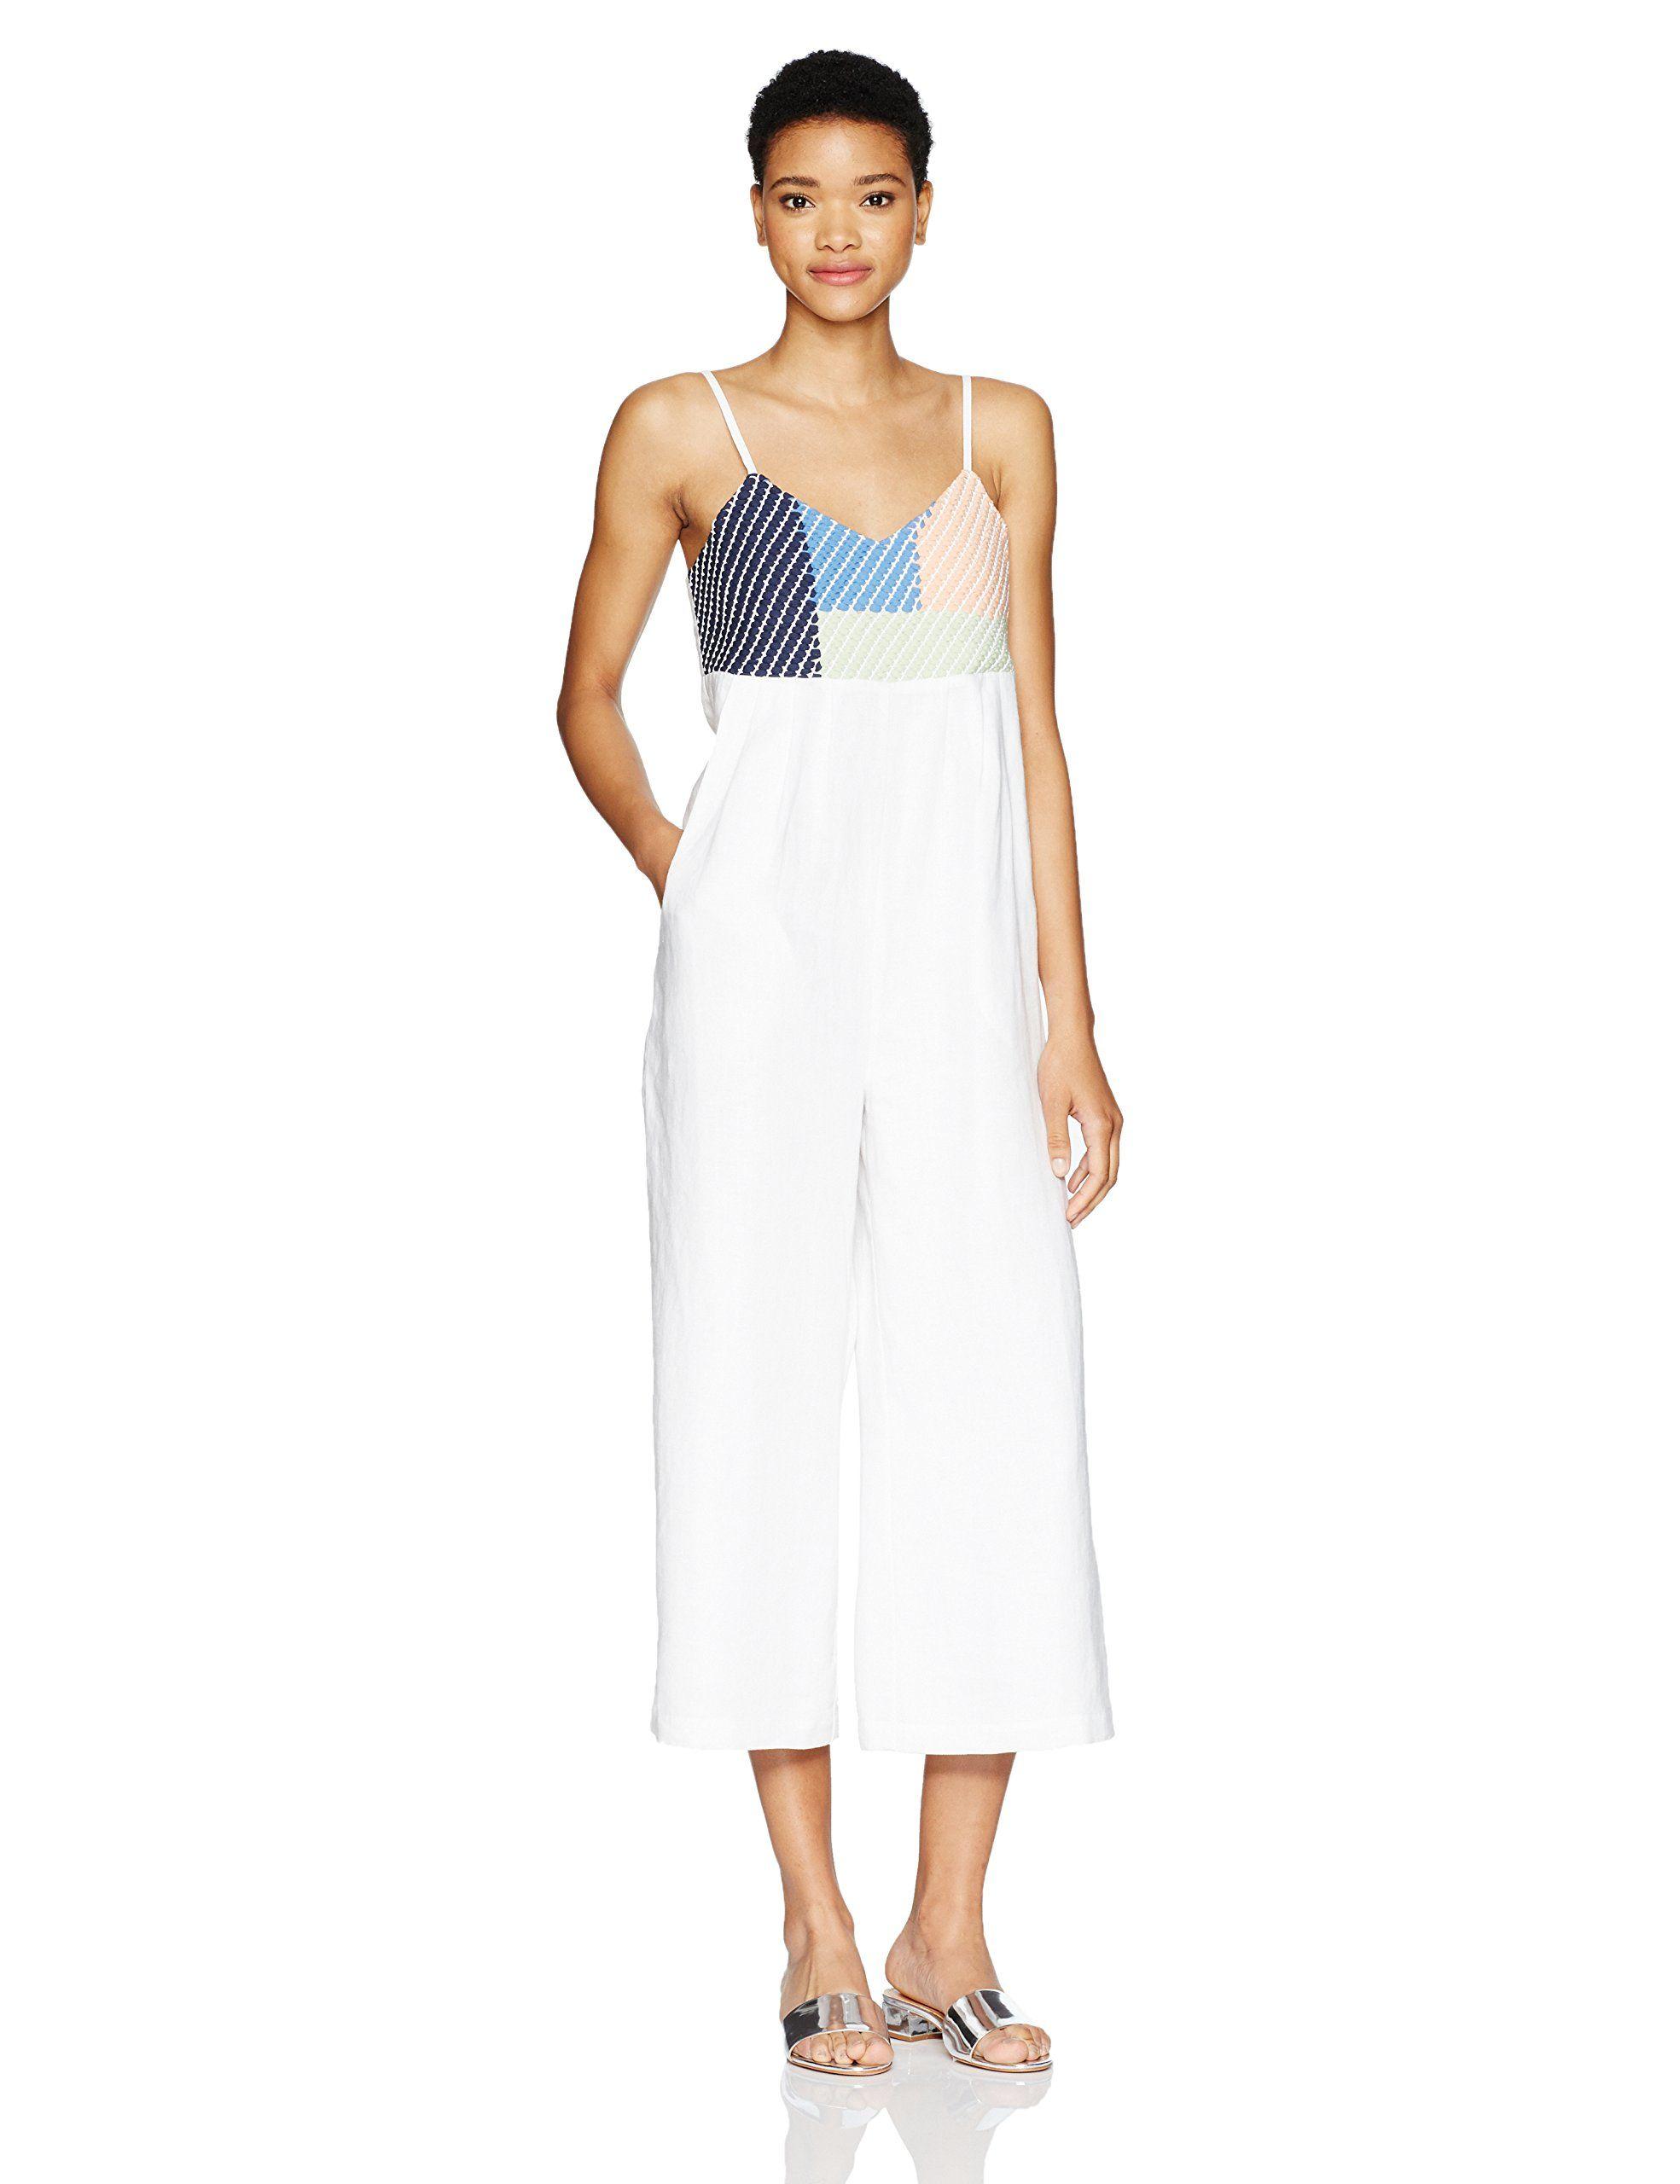 Mara hoffman womenus weave easy jumpsuit white apparel pinterest